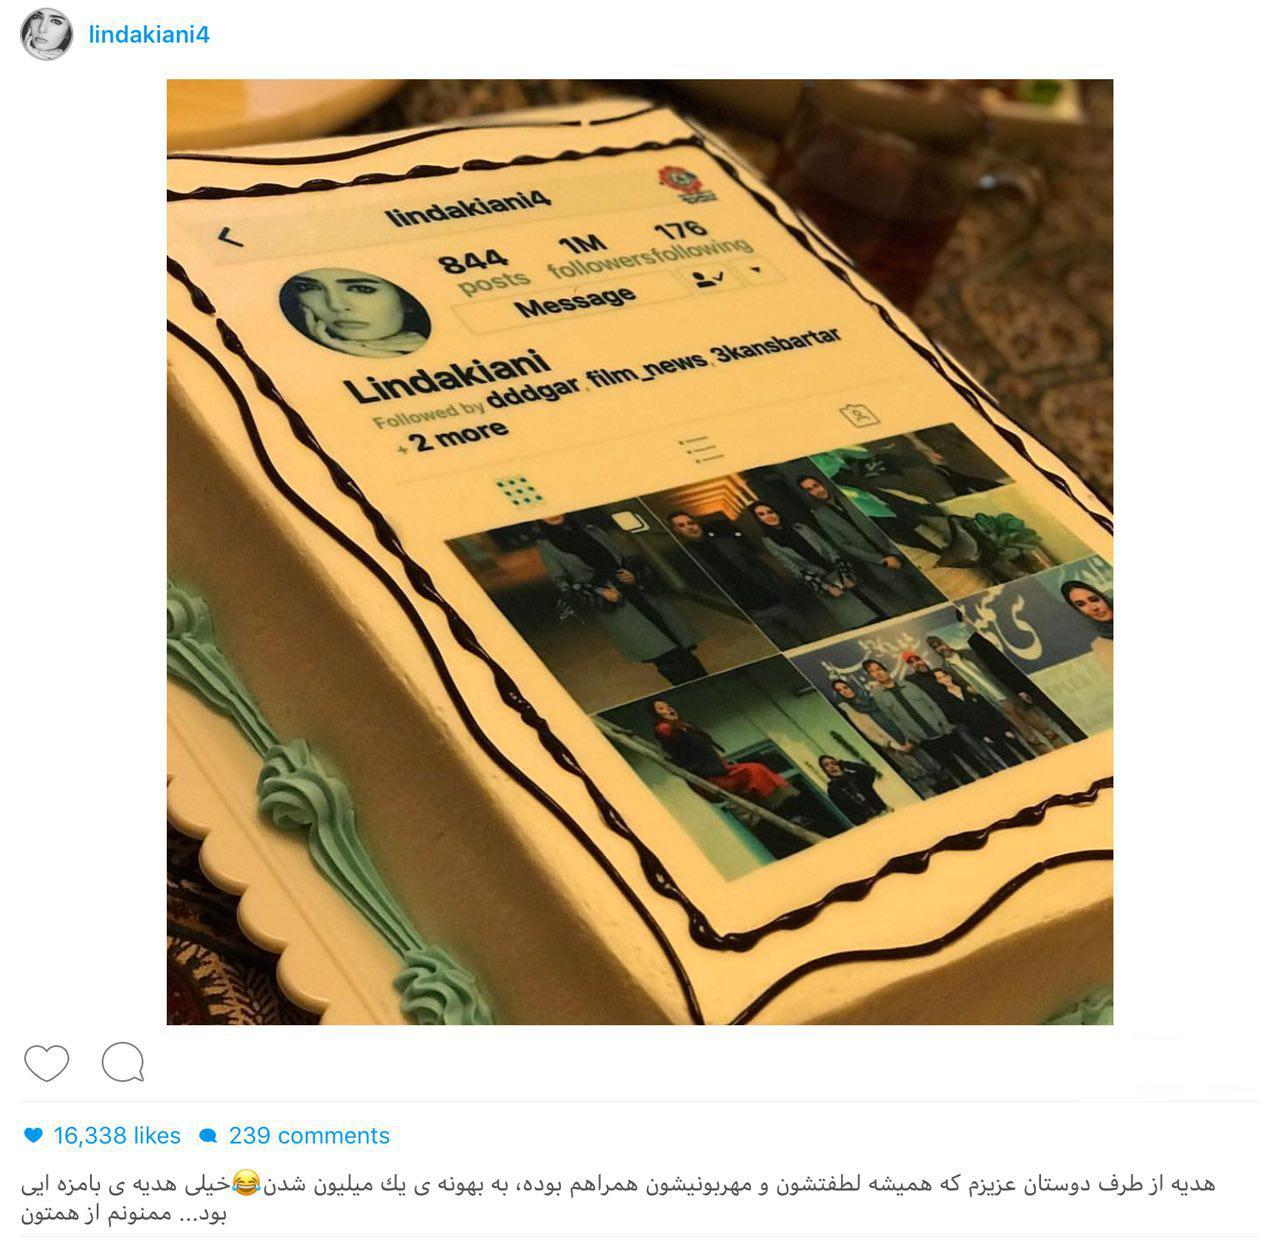 کیک یک میلیونی شدن فالوورهای لیندا کیانى +عکس